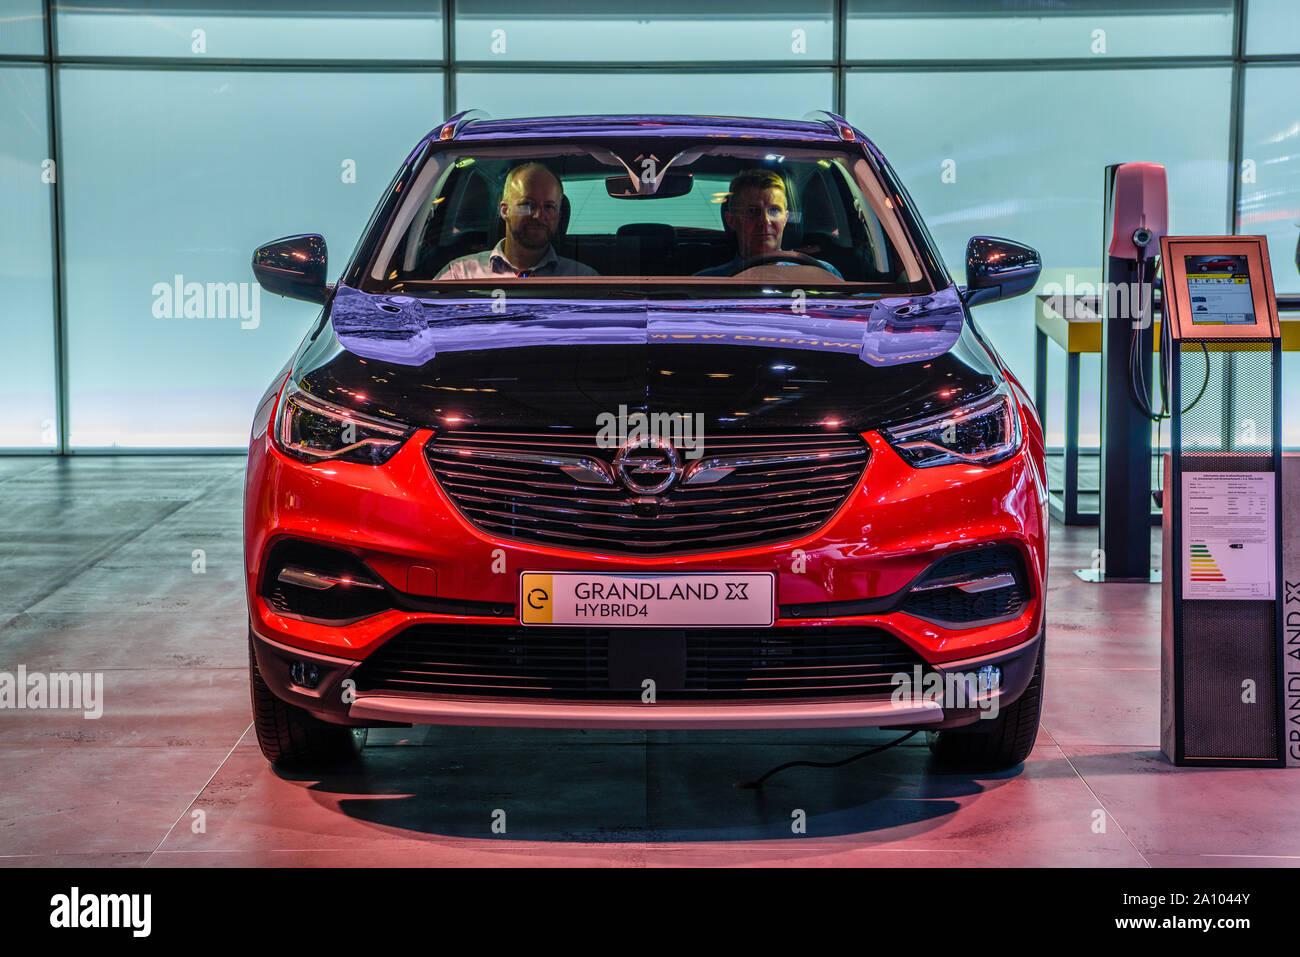 2019 Opel Grandland X Hybrid4 Release Date >> Opel Grandland X Stock Photos Opel Grandland X Stock